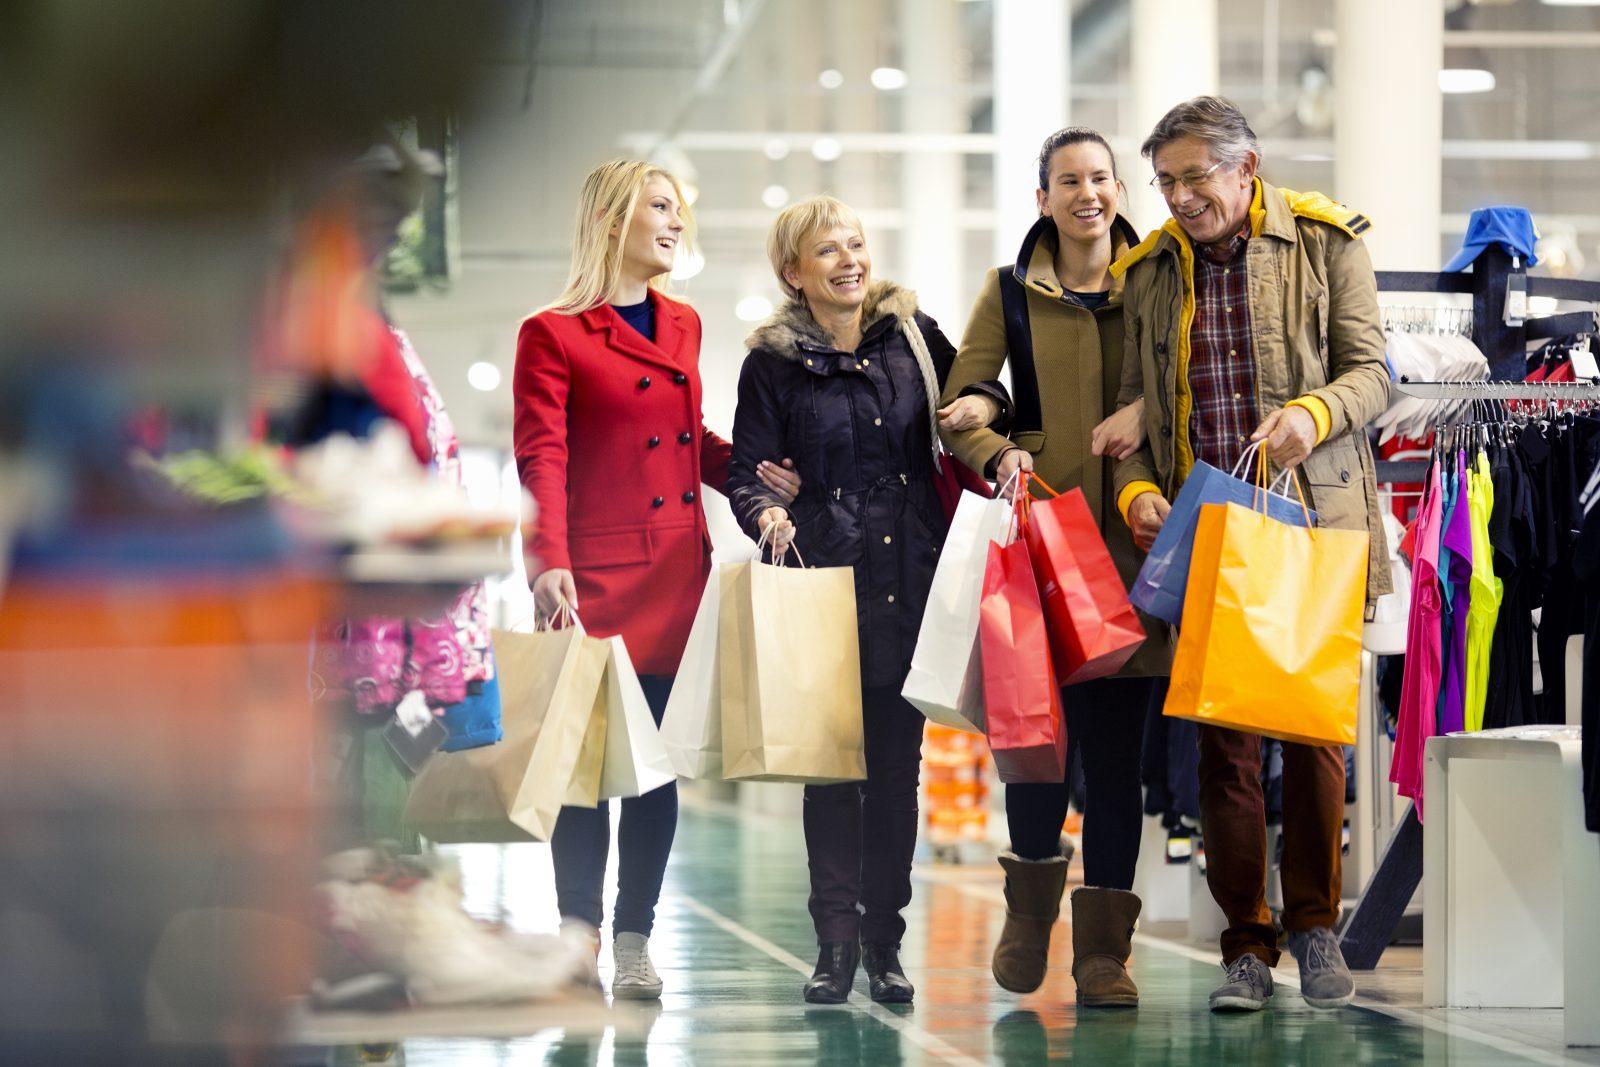 Брянцы с начала года оставили в магазинах 210 млрд рублей